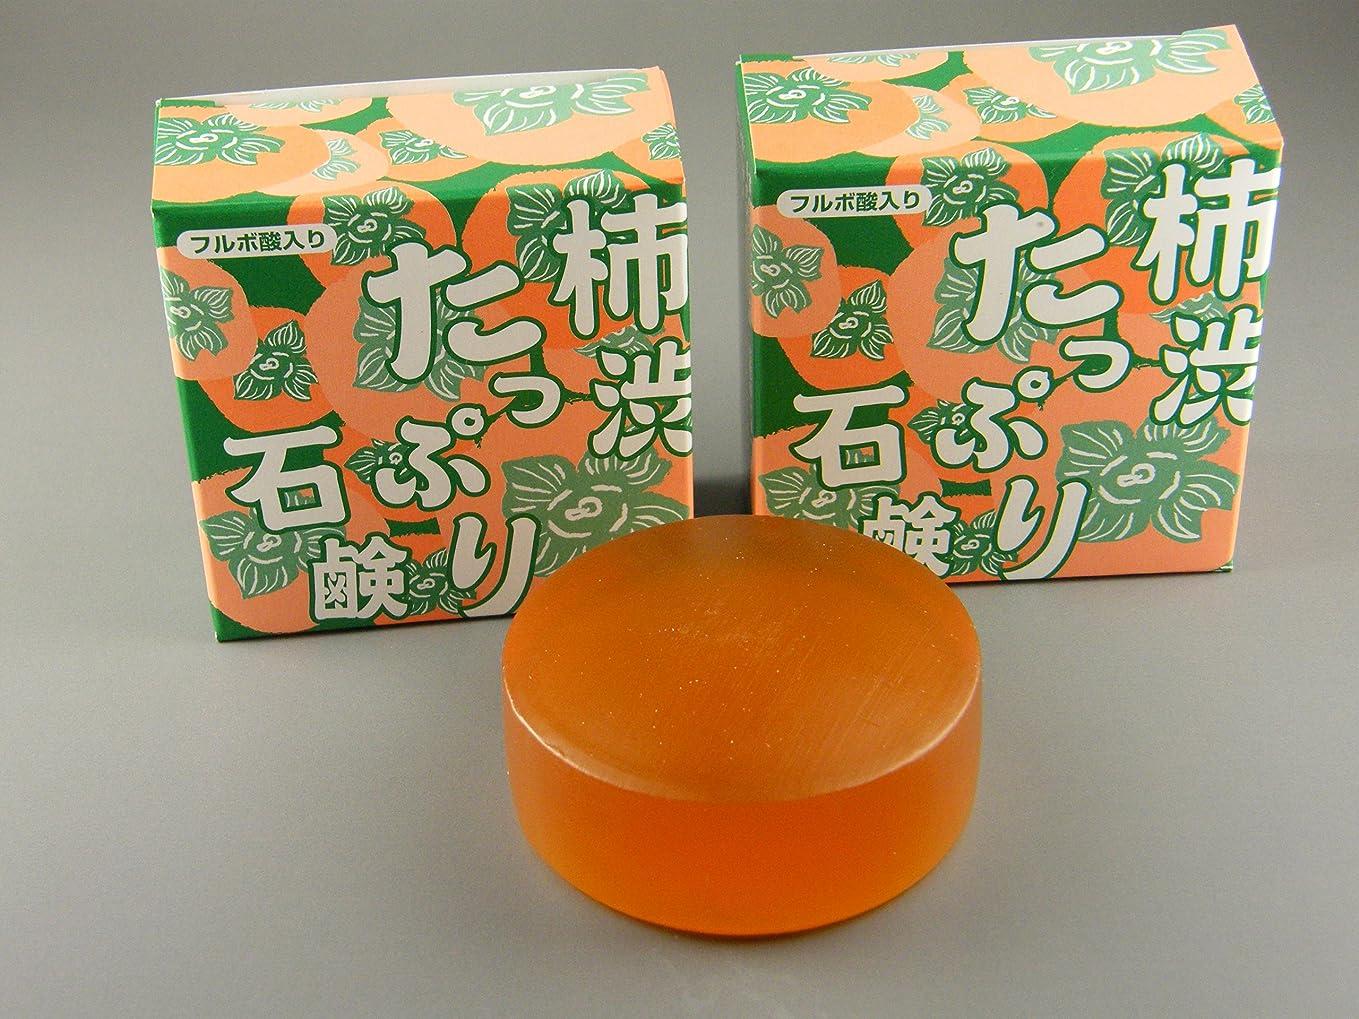 フットボールオリエンテーション厚い柿渋たっぷり石鹸 お得な3個パック(フルボ酸入り)